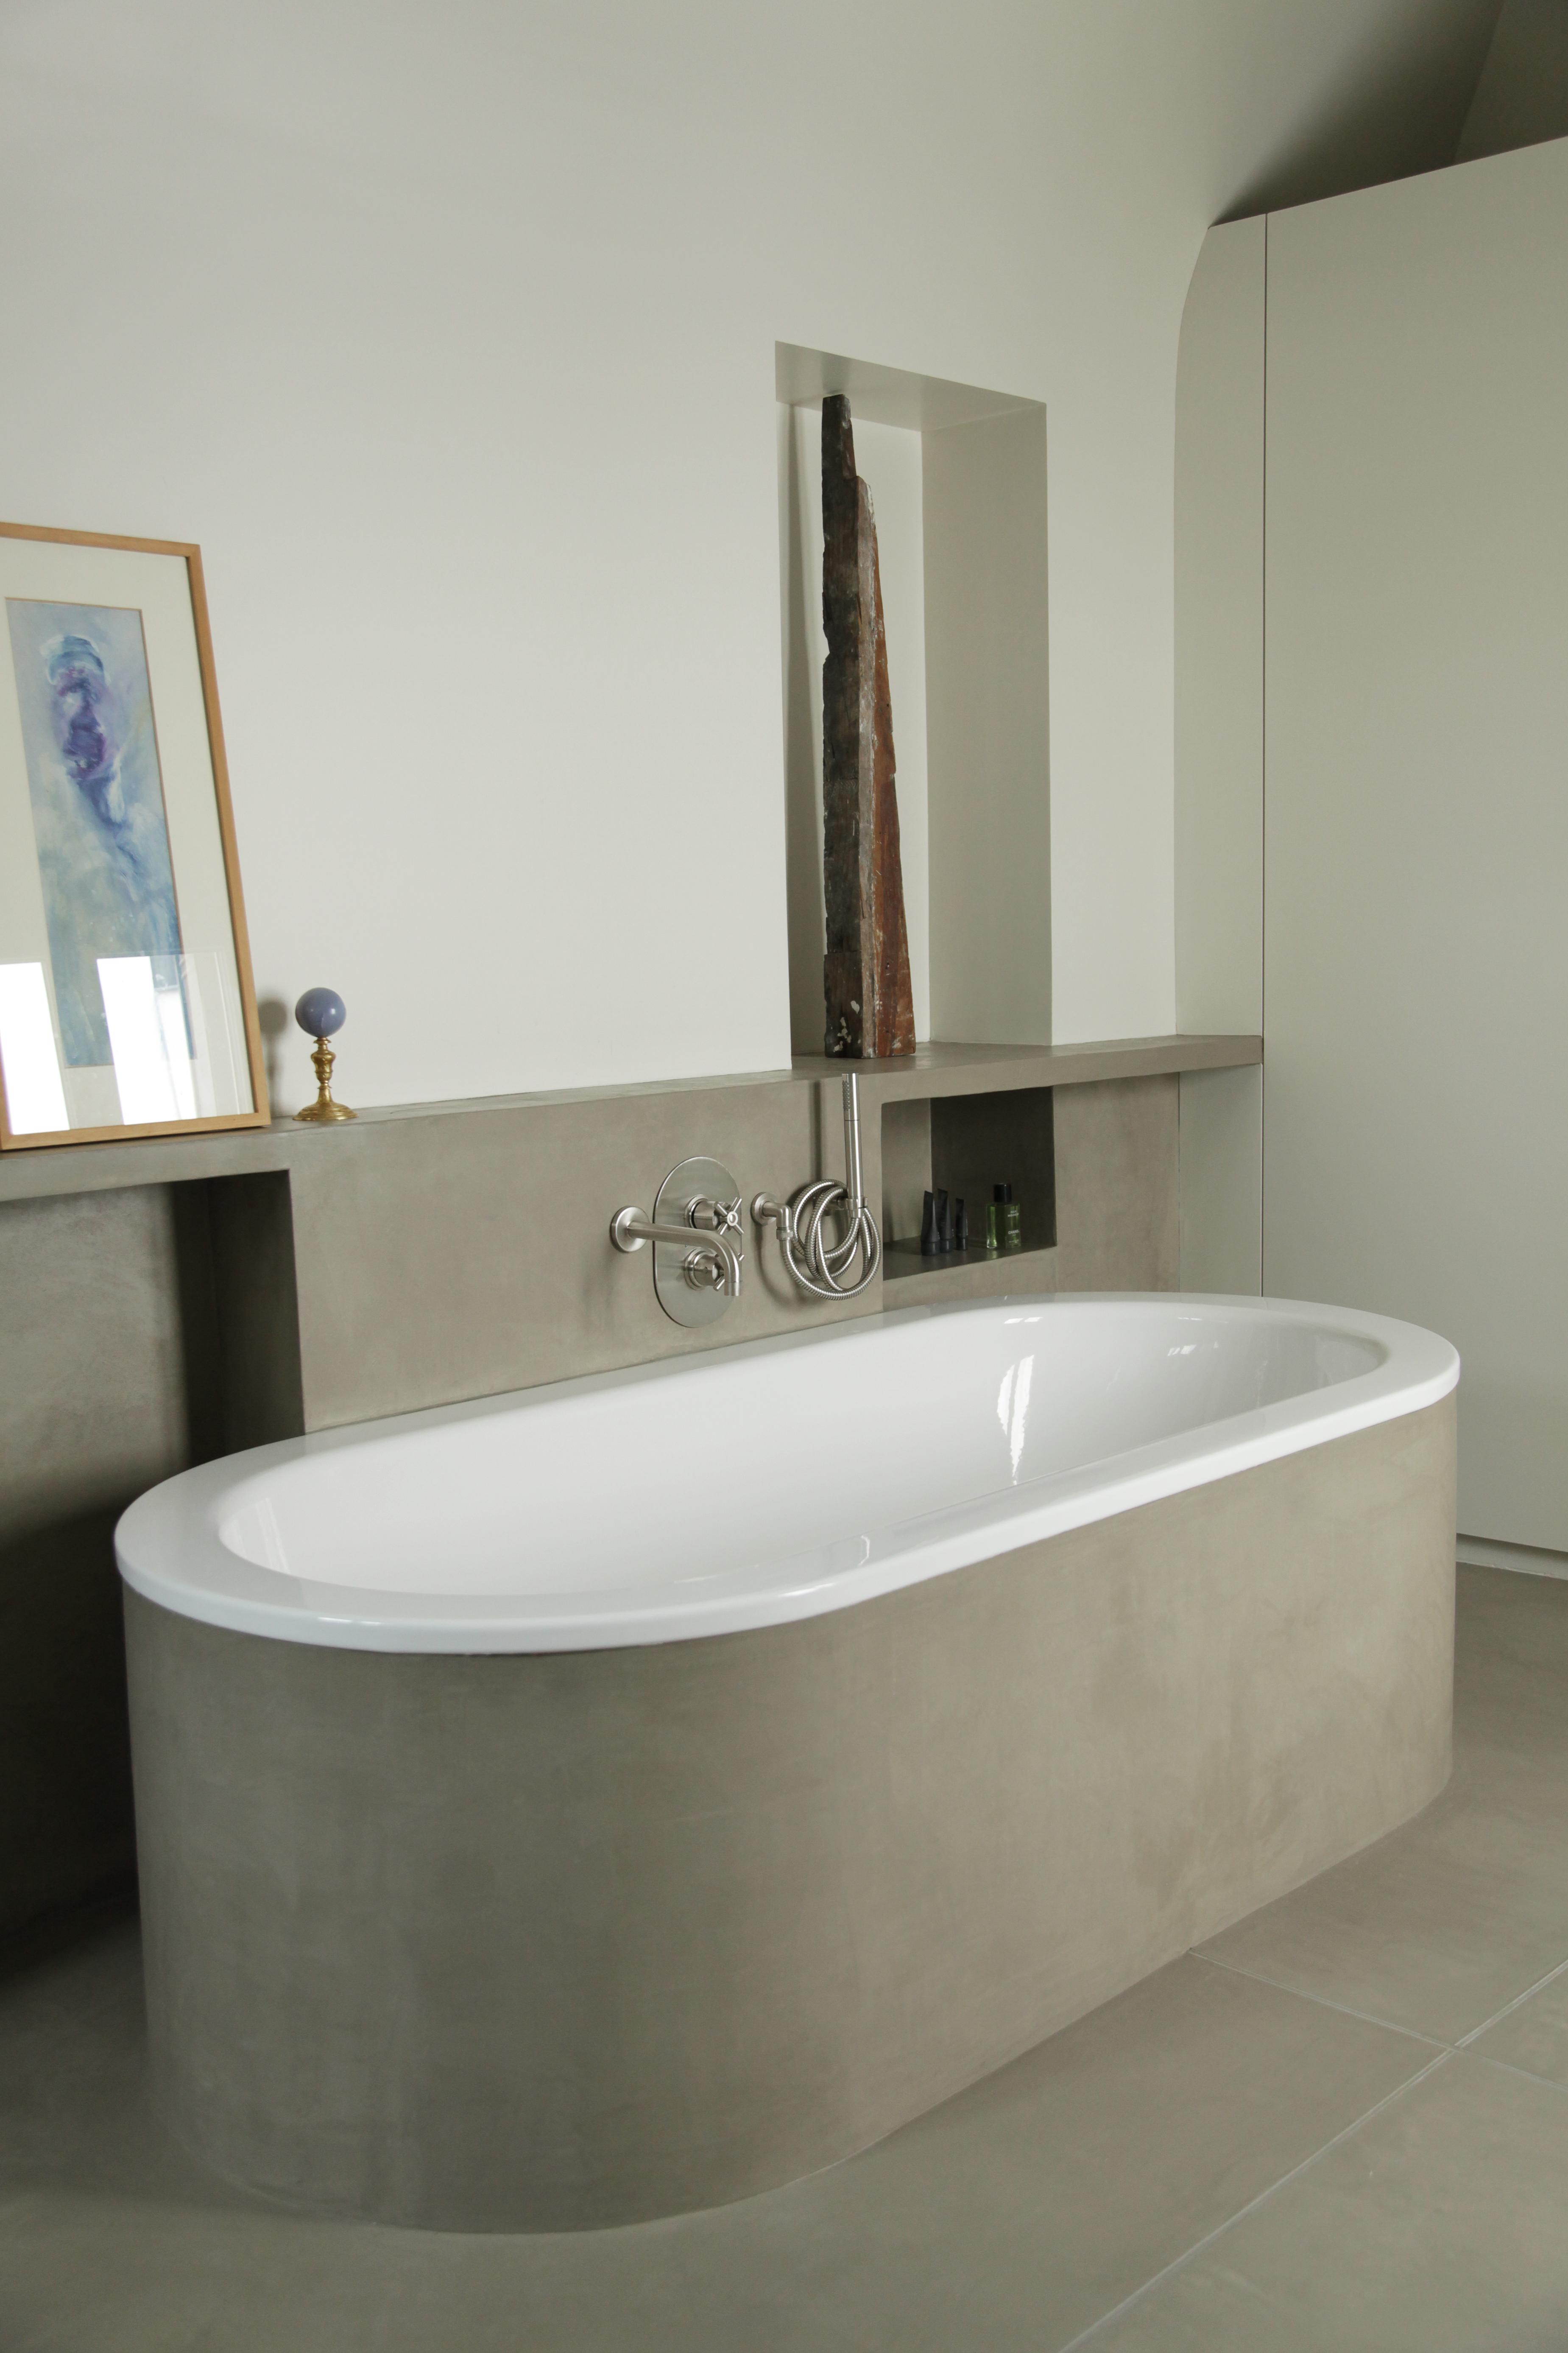 Mercadier-Salle-de-bains-EBC-Capadoce-4-copyright-Applicatrice-Sonia ...